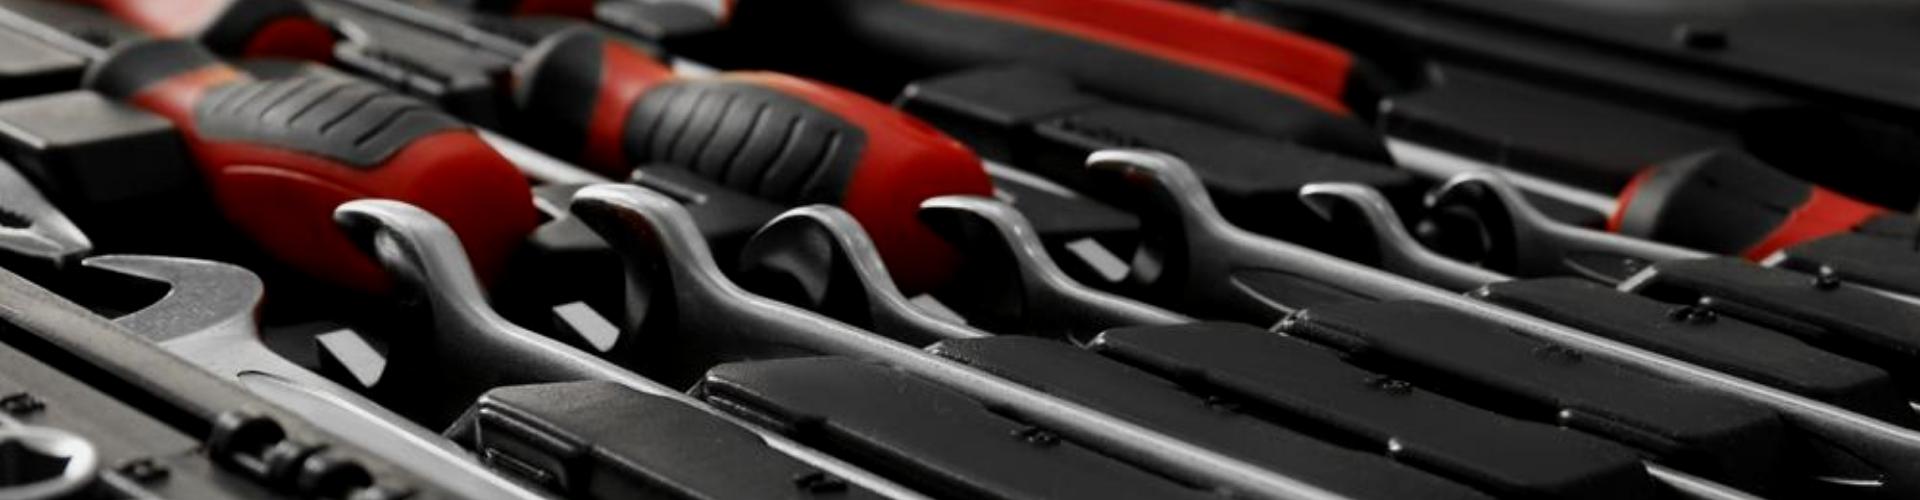 Автоінструменти та обладнання СТО